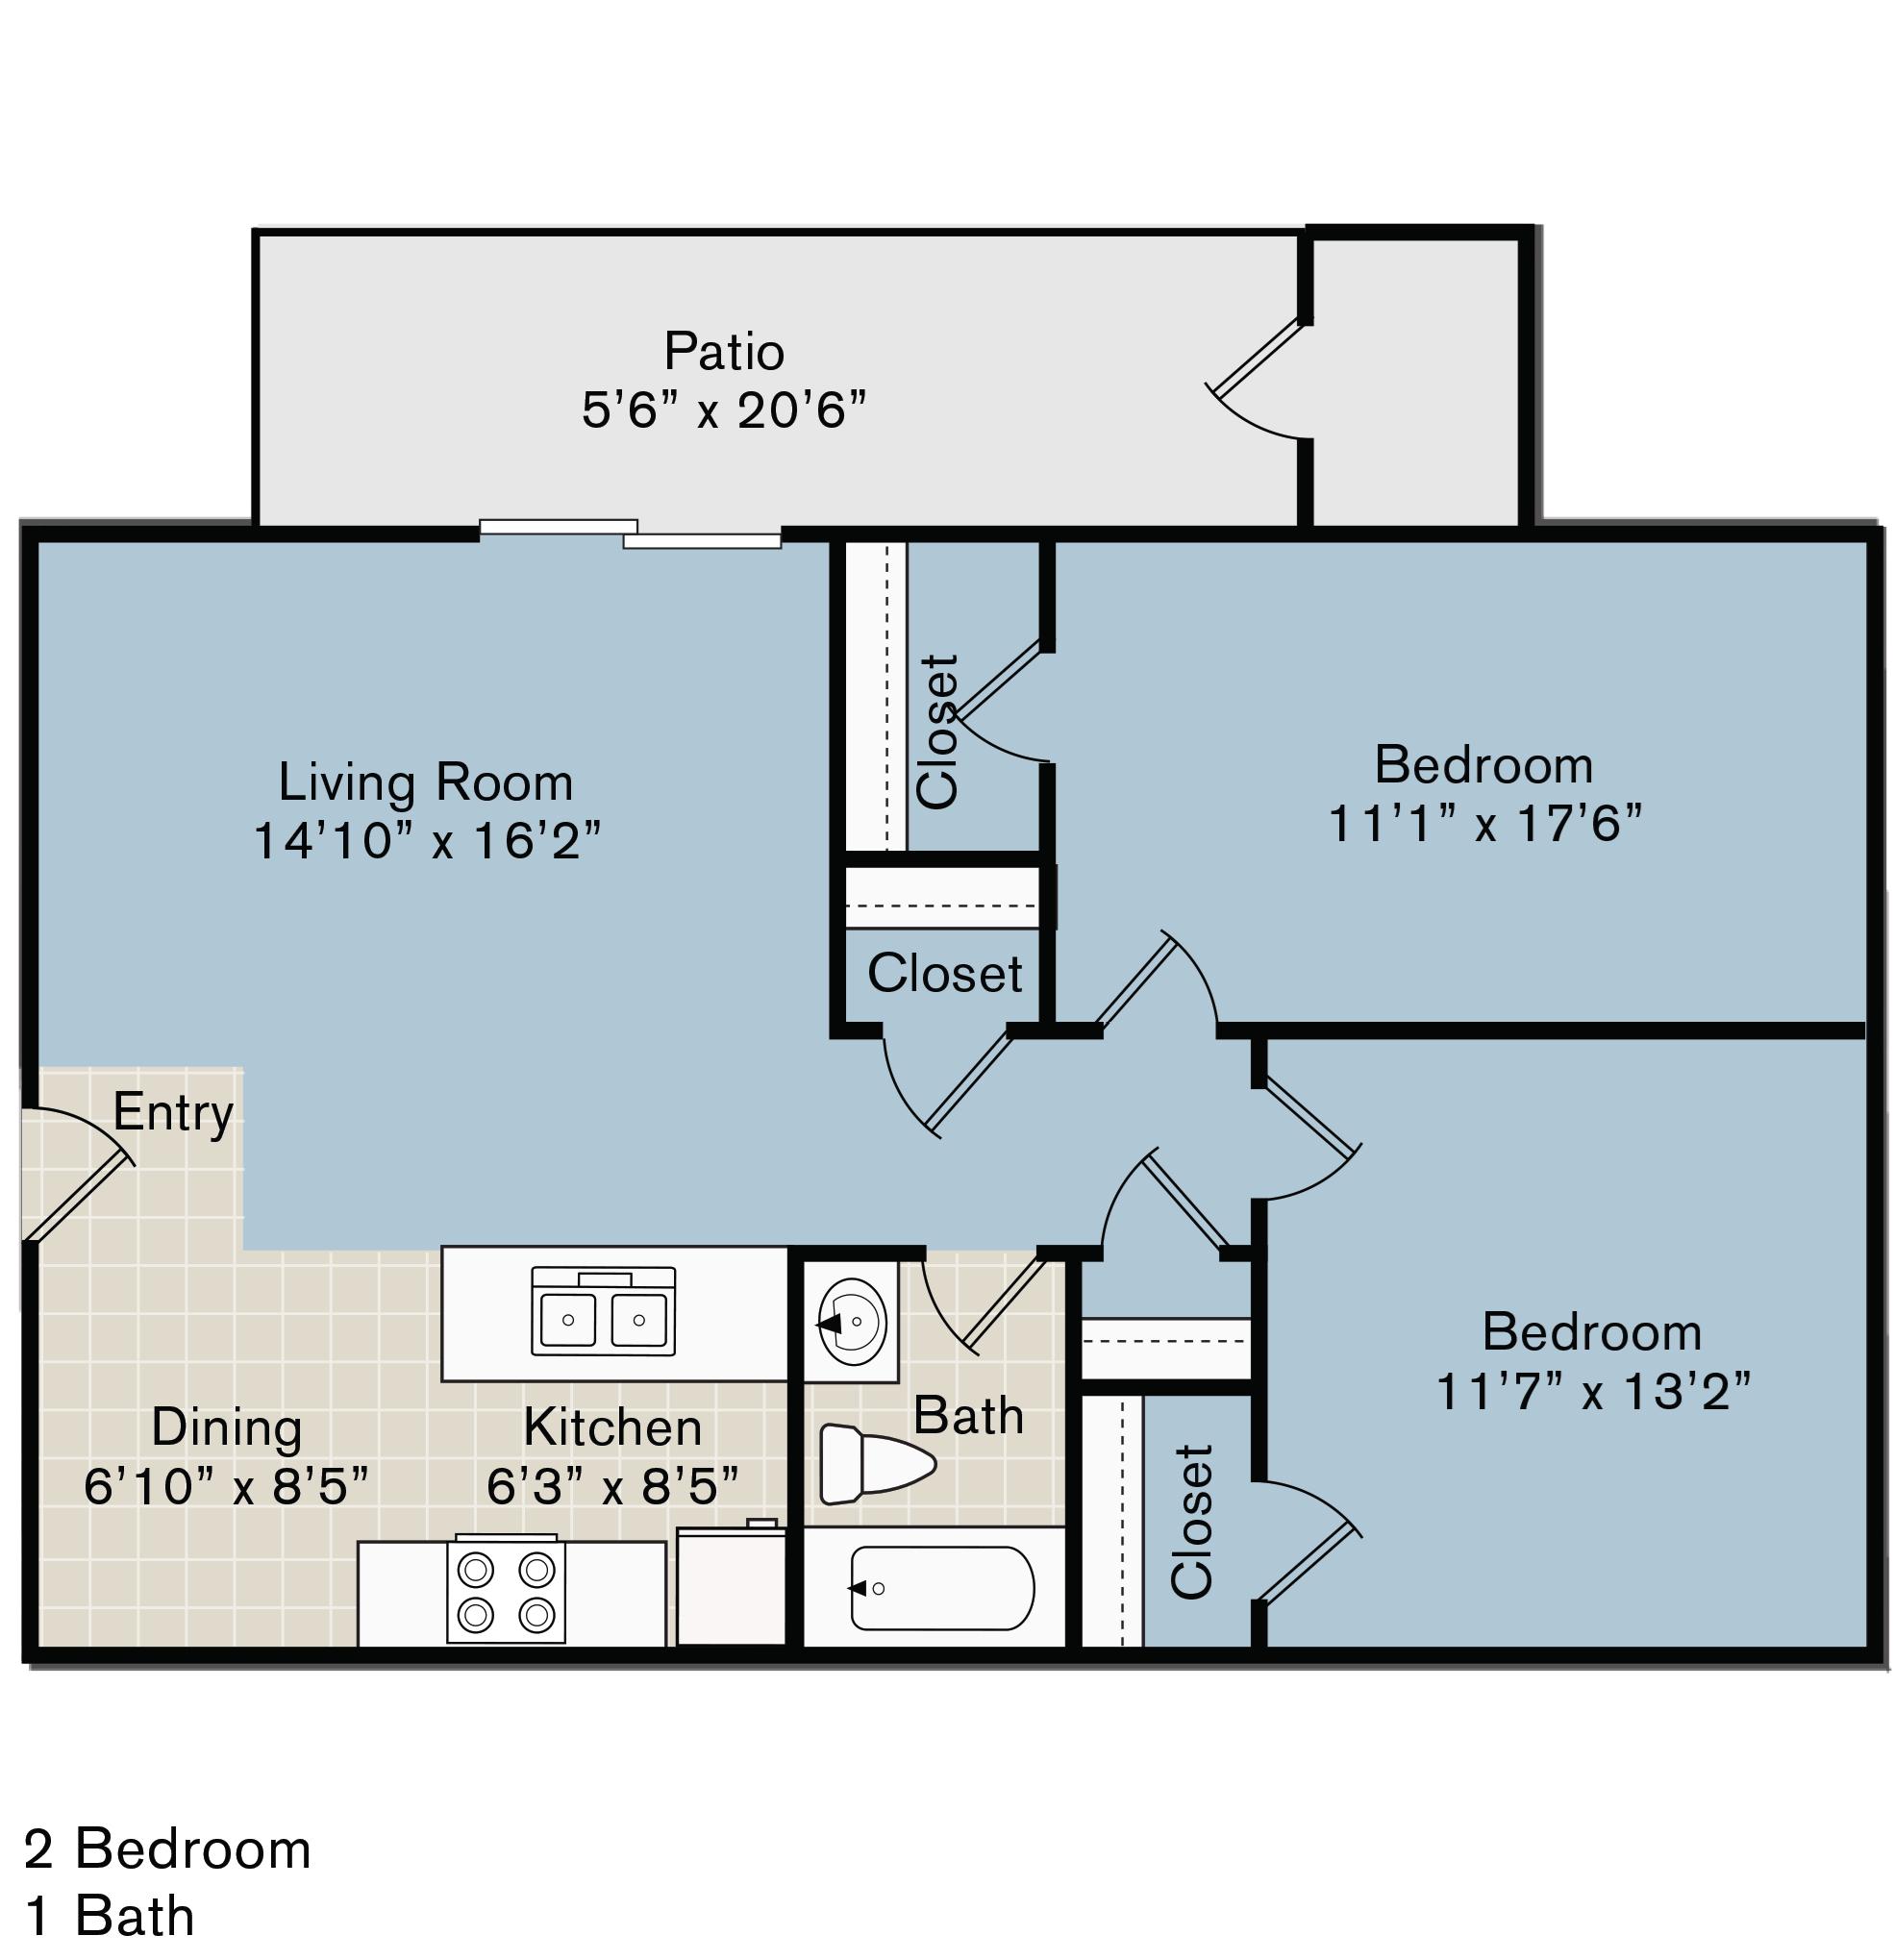 Floor Plans Of Saratoga Ridge In Phoenix, AZ